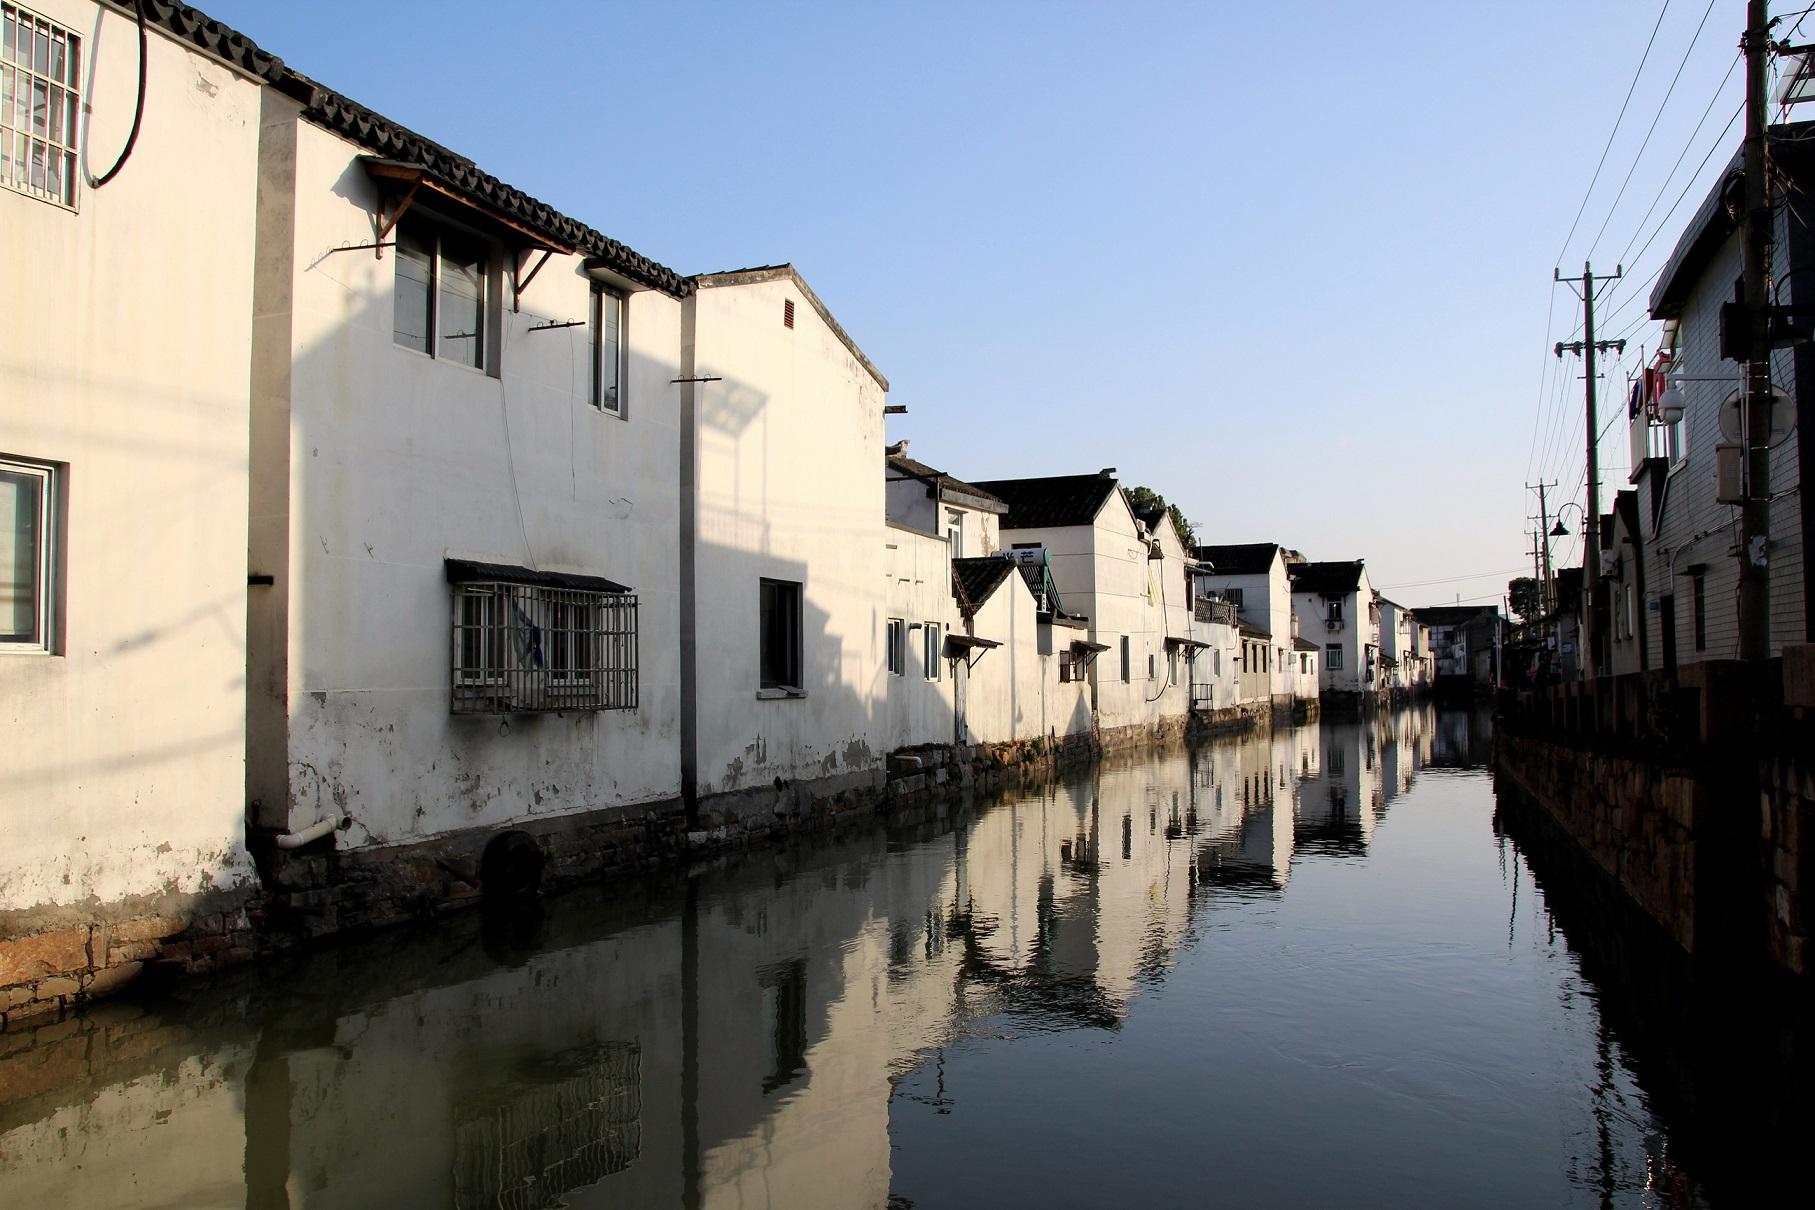 Wasserstraßen Suzhous Bild